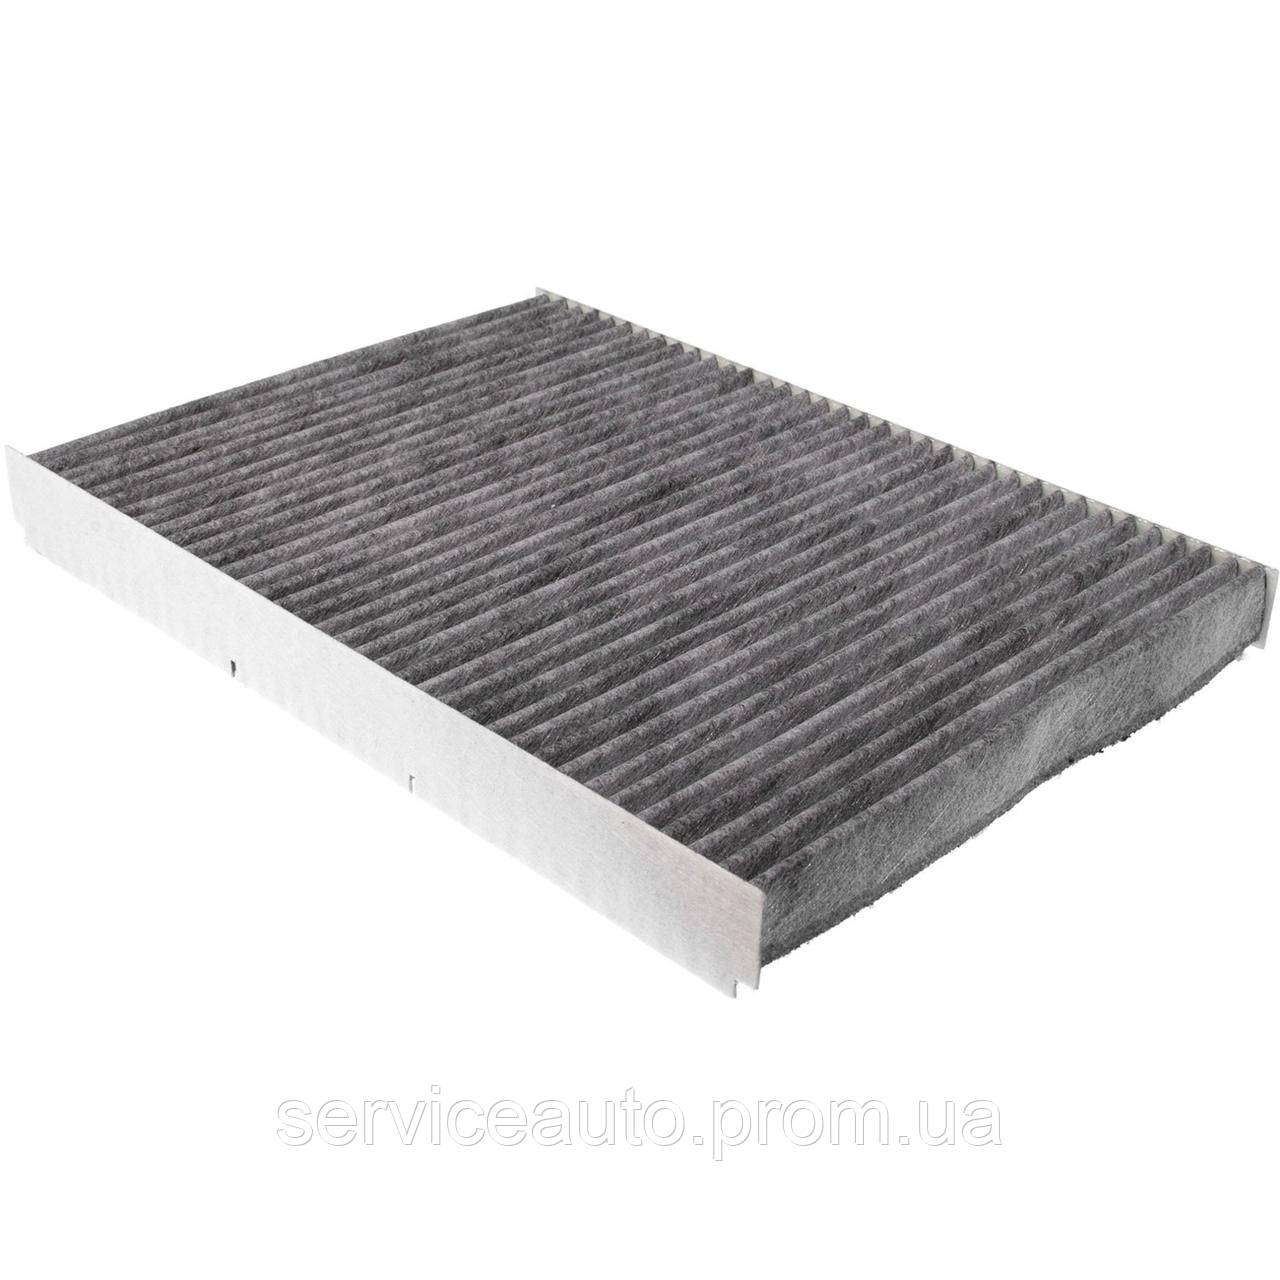 Фильтр салона угольный MAHLE LAK63 (MX8798161)